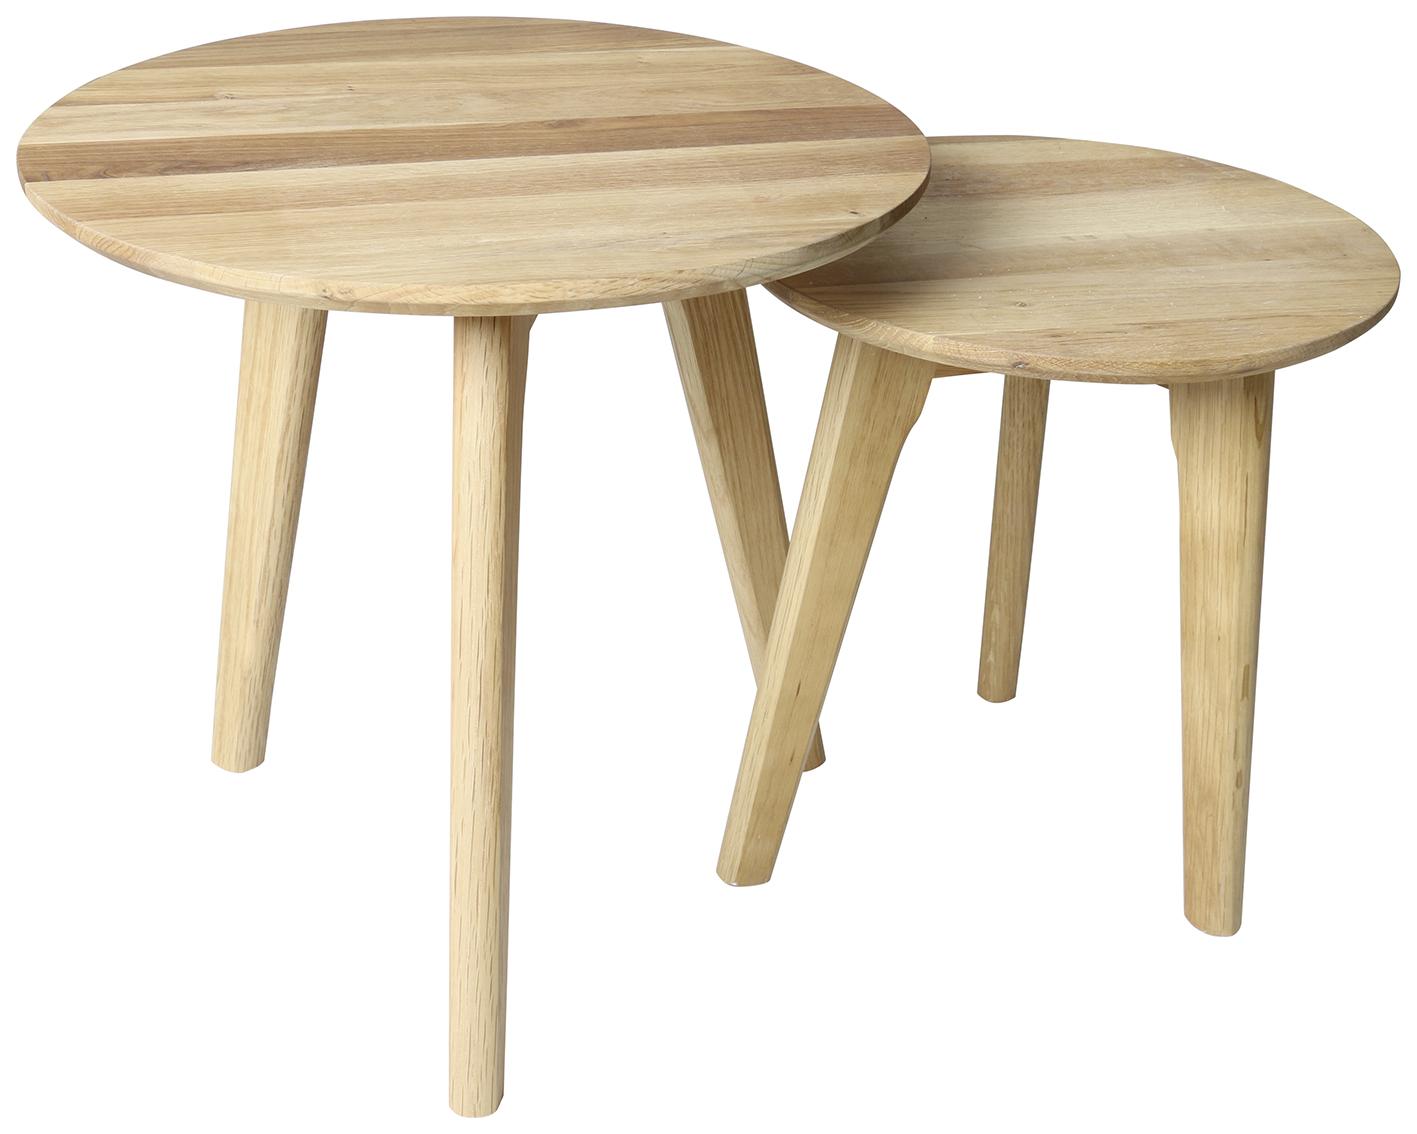 Lesnina klub stolic sada 299,00 kn, prije 549,00 kn